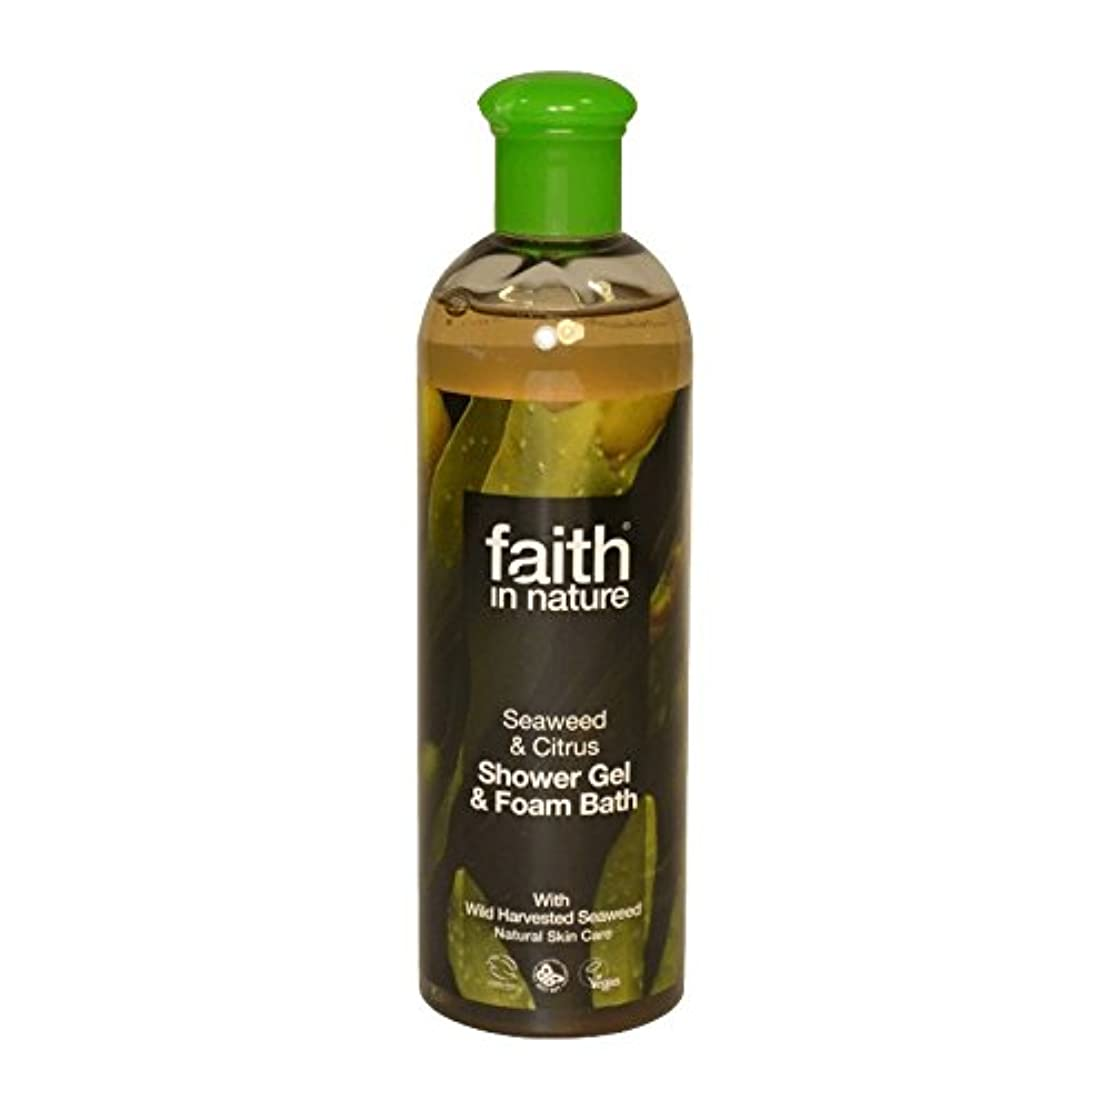 存在アクセスできない疎外する自然の海藻&シトラスシャワージェル&バス泡400ミリリットルの信仰 - Faith in Nature Seaweed & Citrus Shower Gel & Bath Foam 400ml (Faith in Nature...